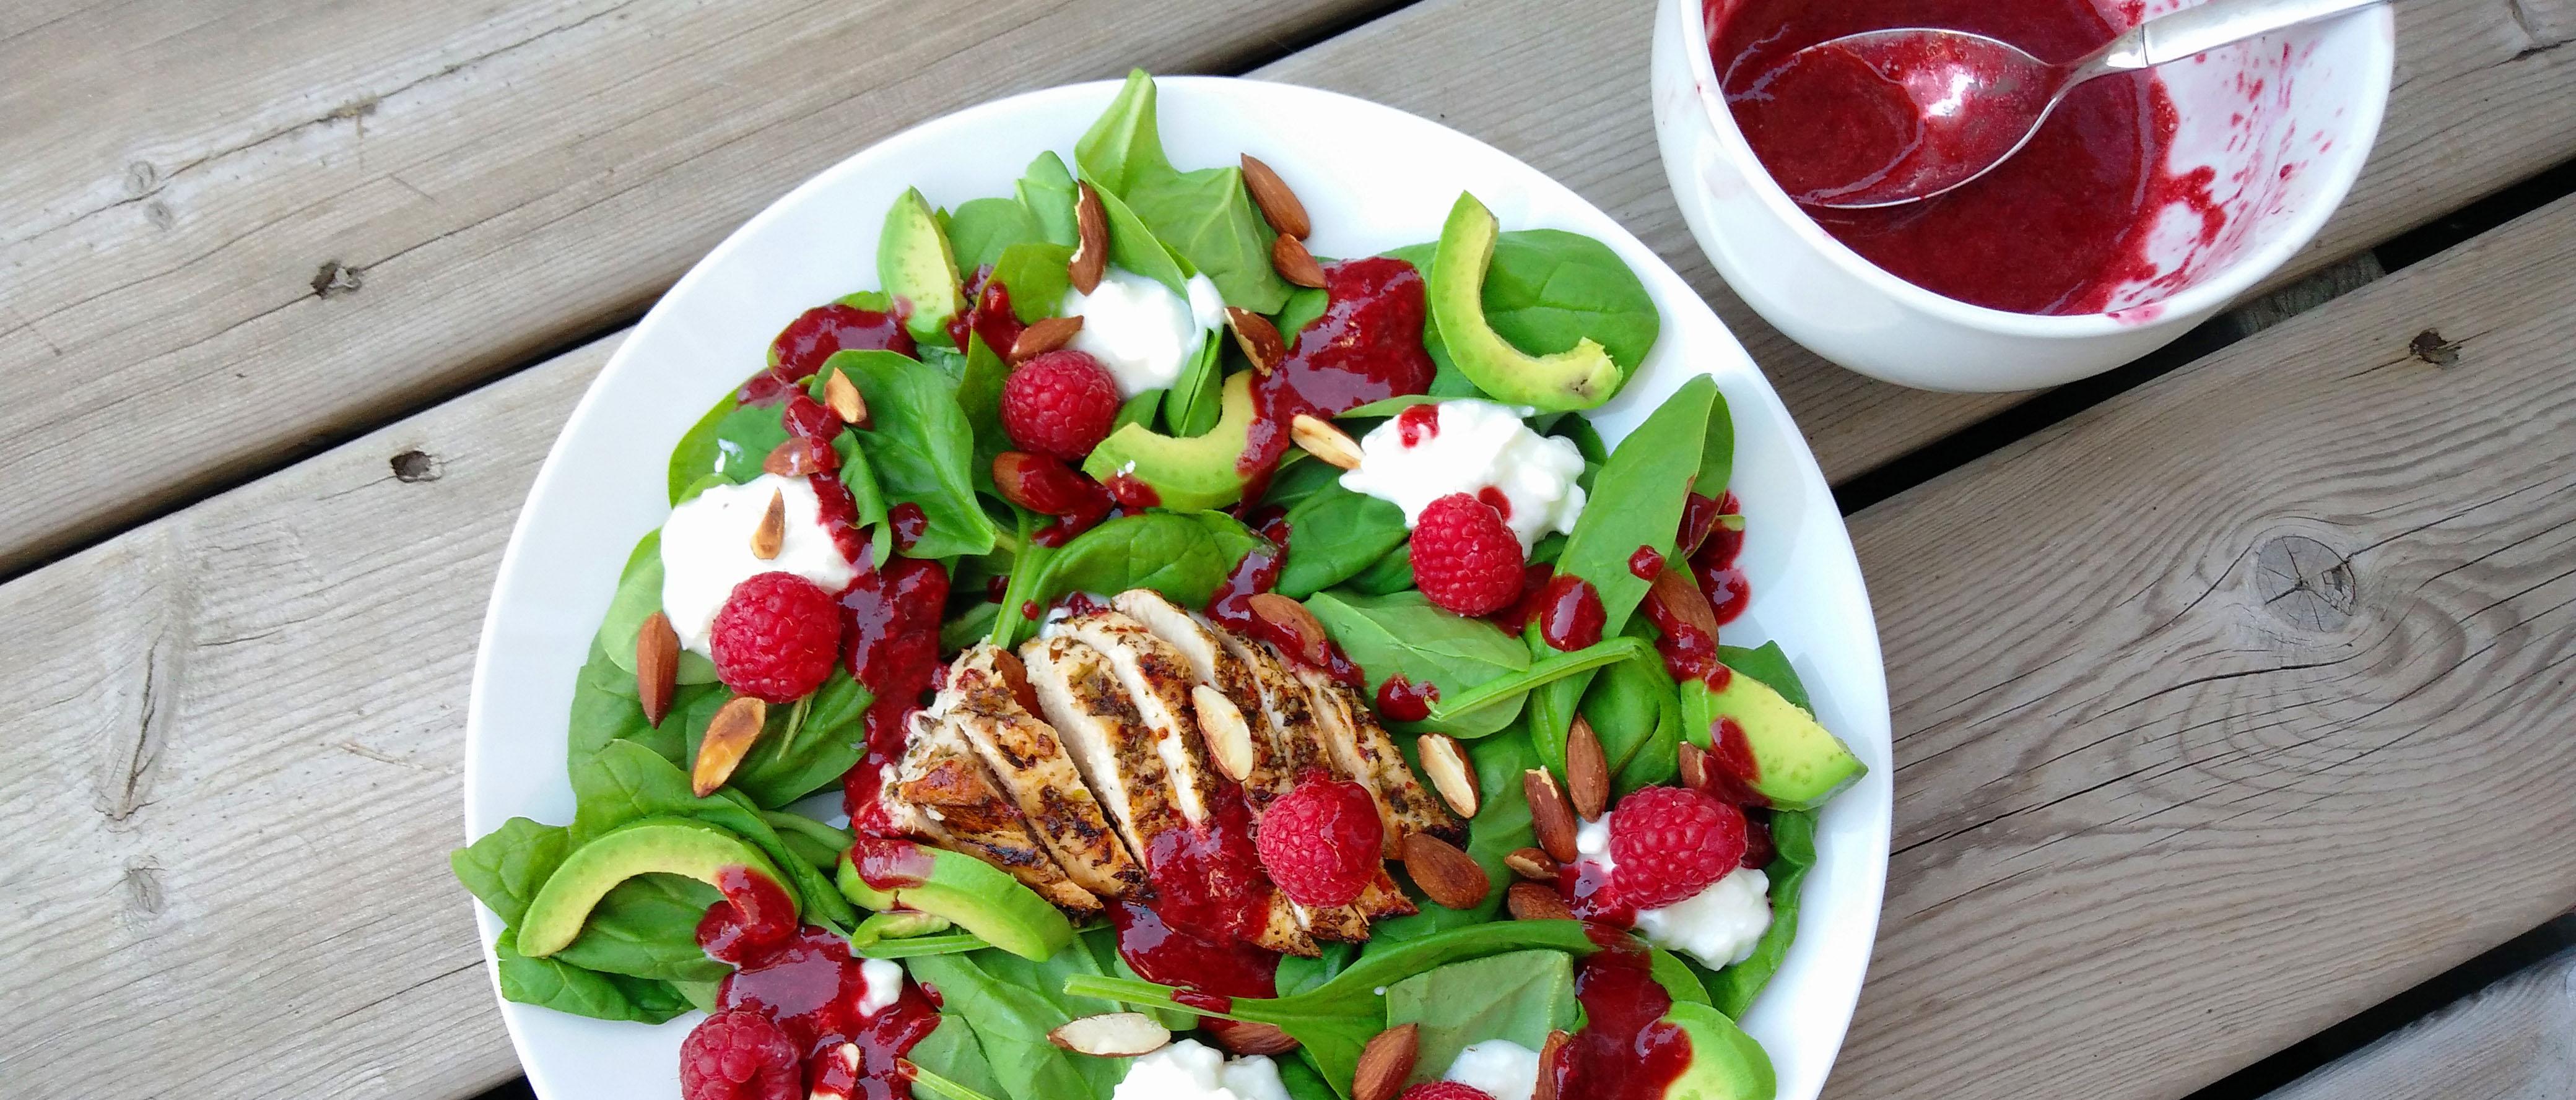 Summer hotness! Raspberry spinach chicken salad